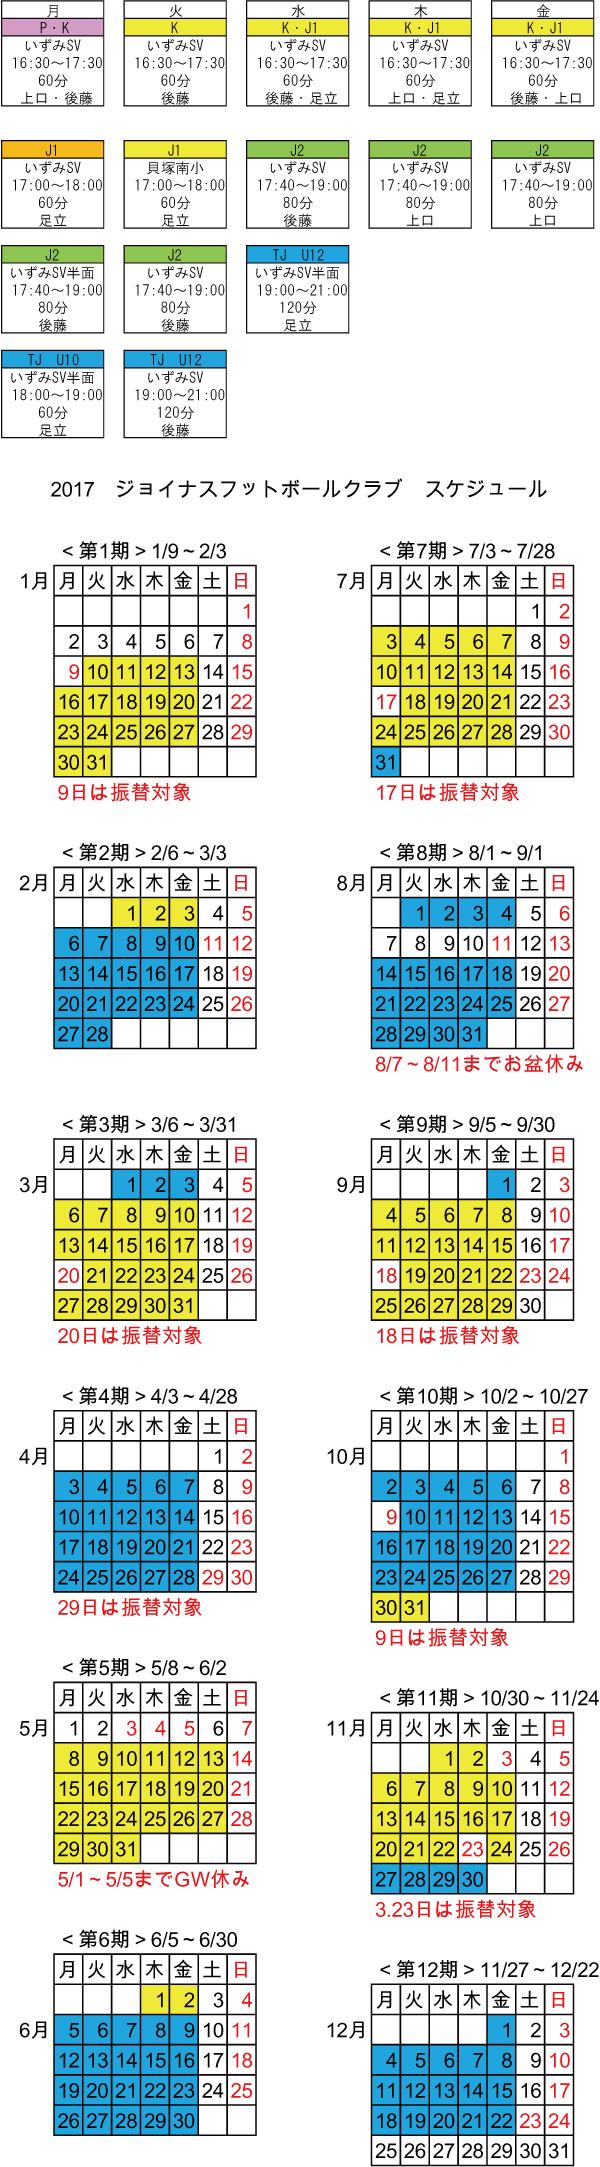 2017.4スケジュール